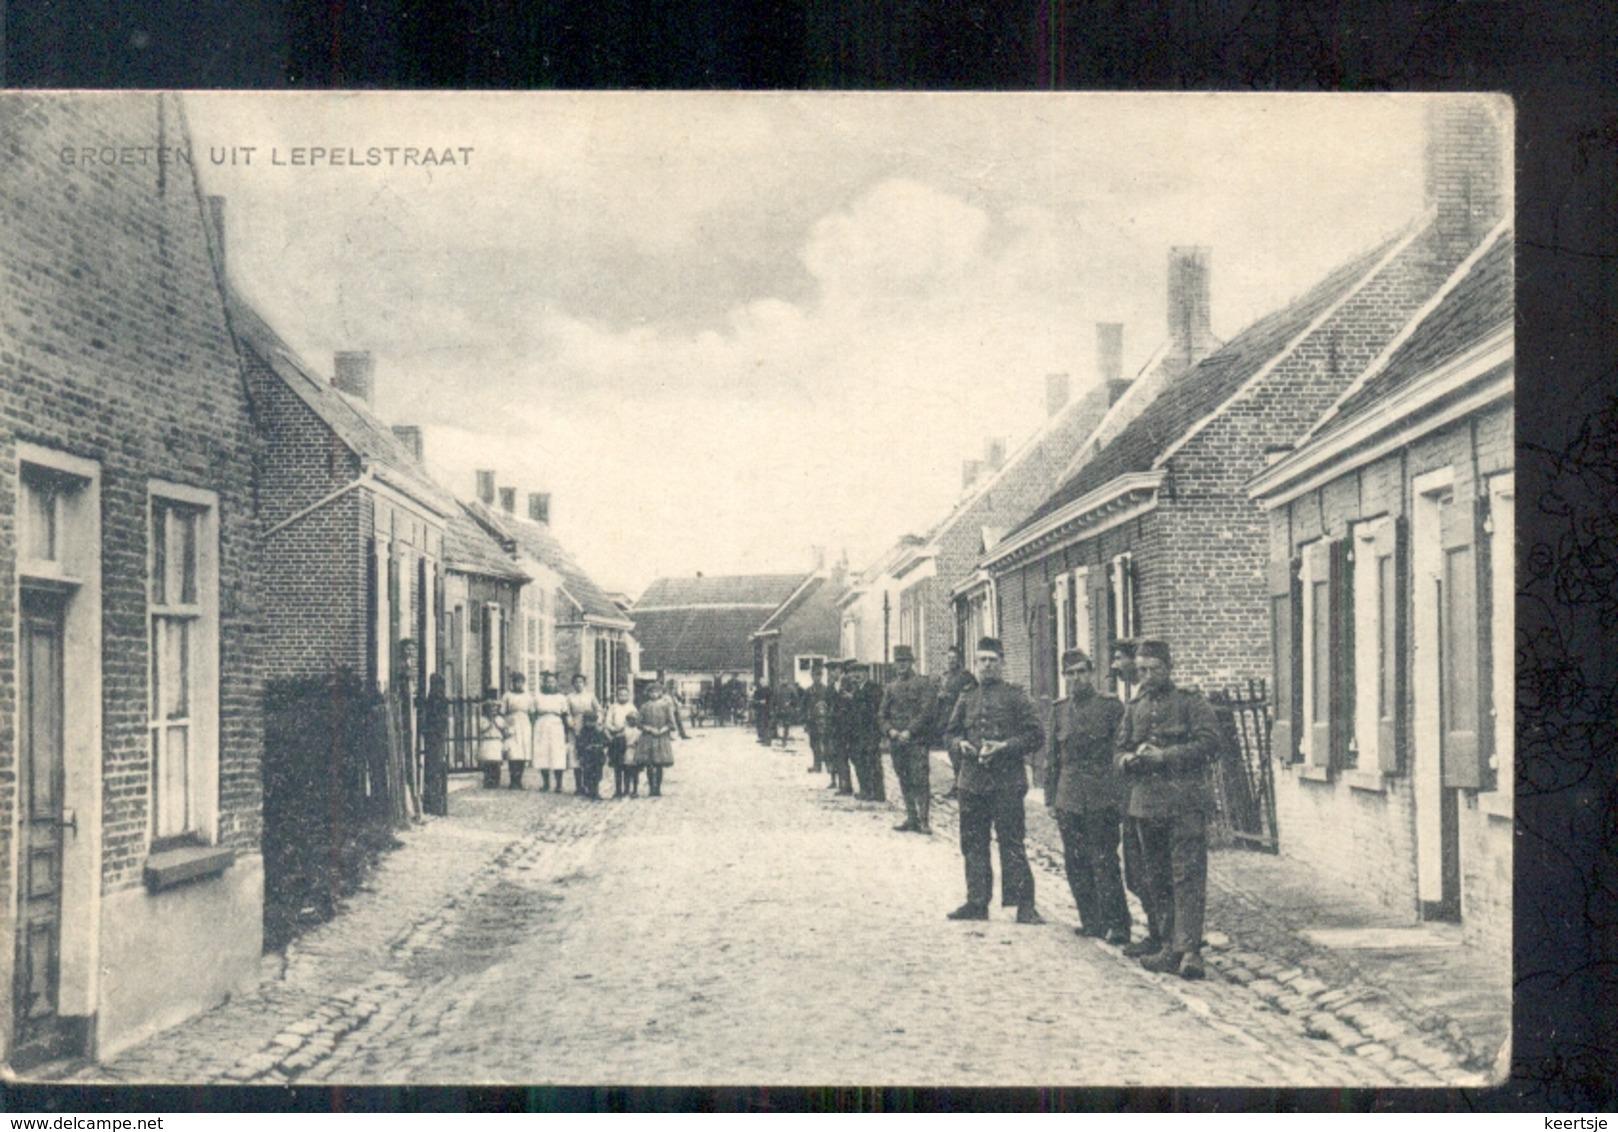 Lupelstraat - Groetn Uit - Soldaten - 1925 - Autres